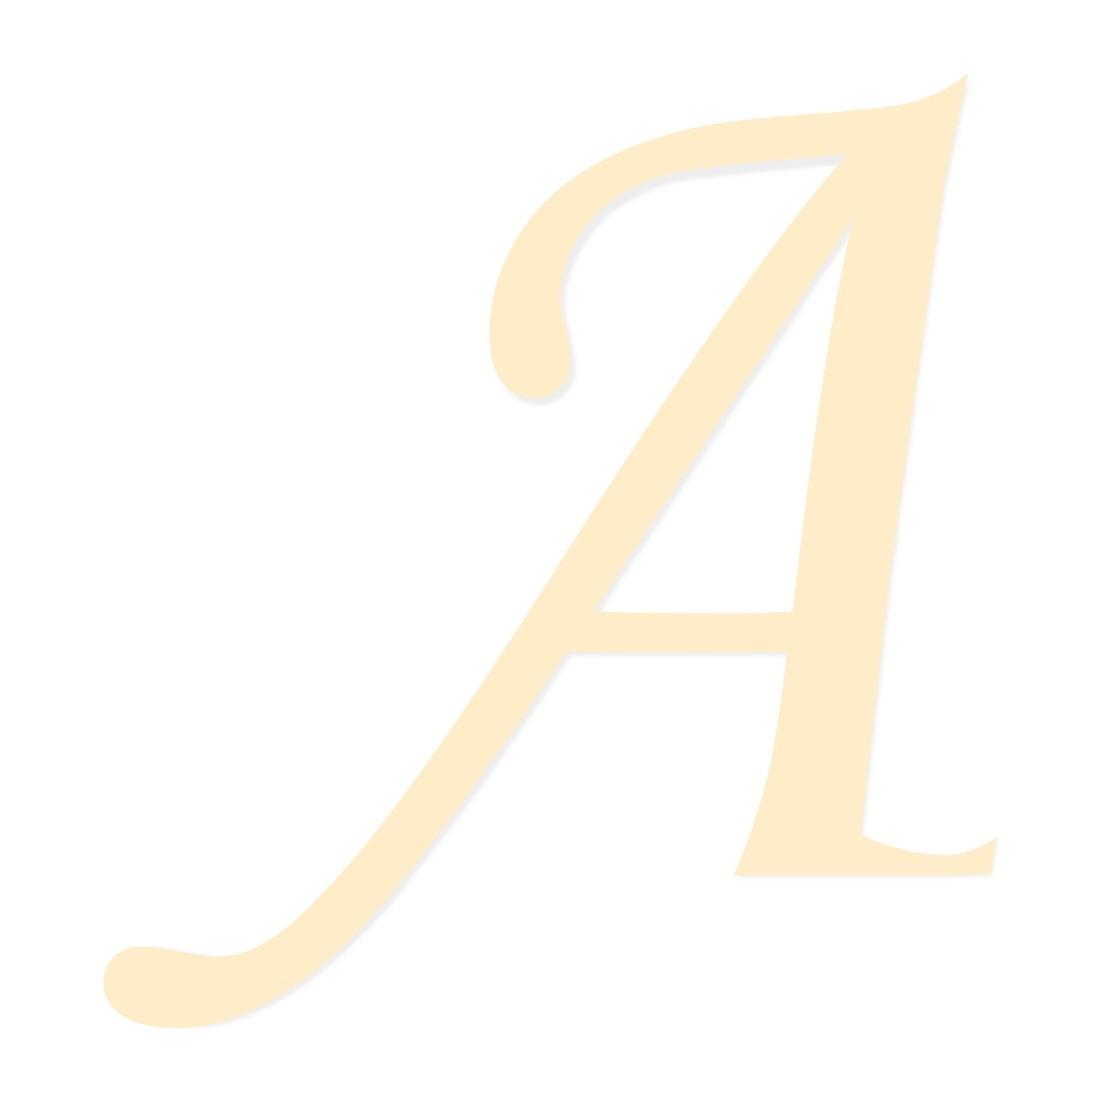 Plexiglas® Buchstaben creme - MT - 3mm Acrylglas Wunschtext/Schriftzug